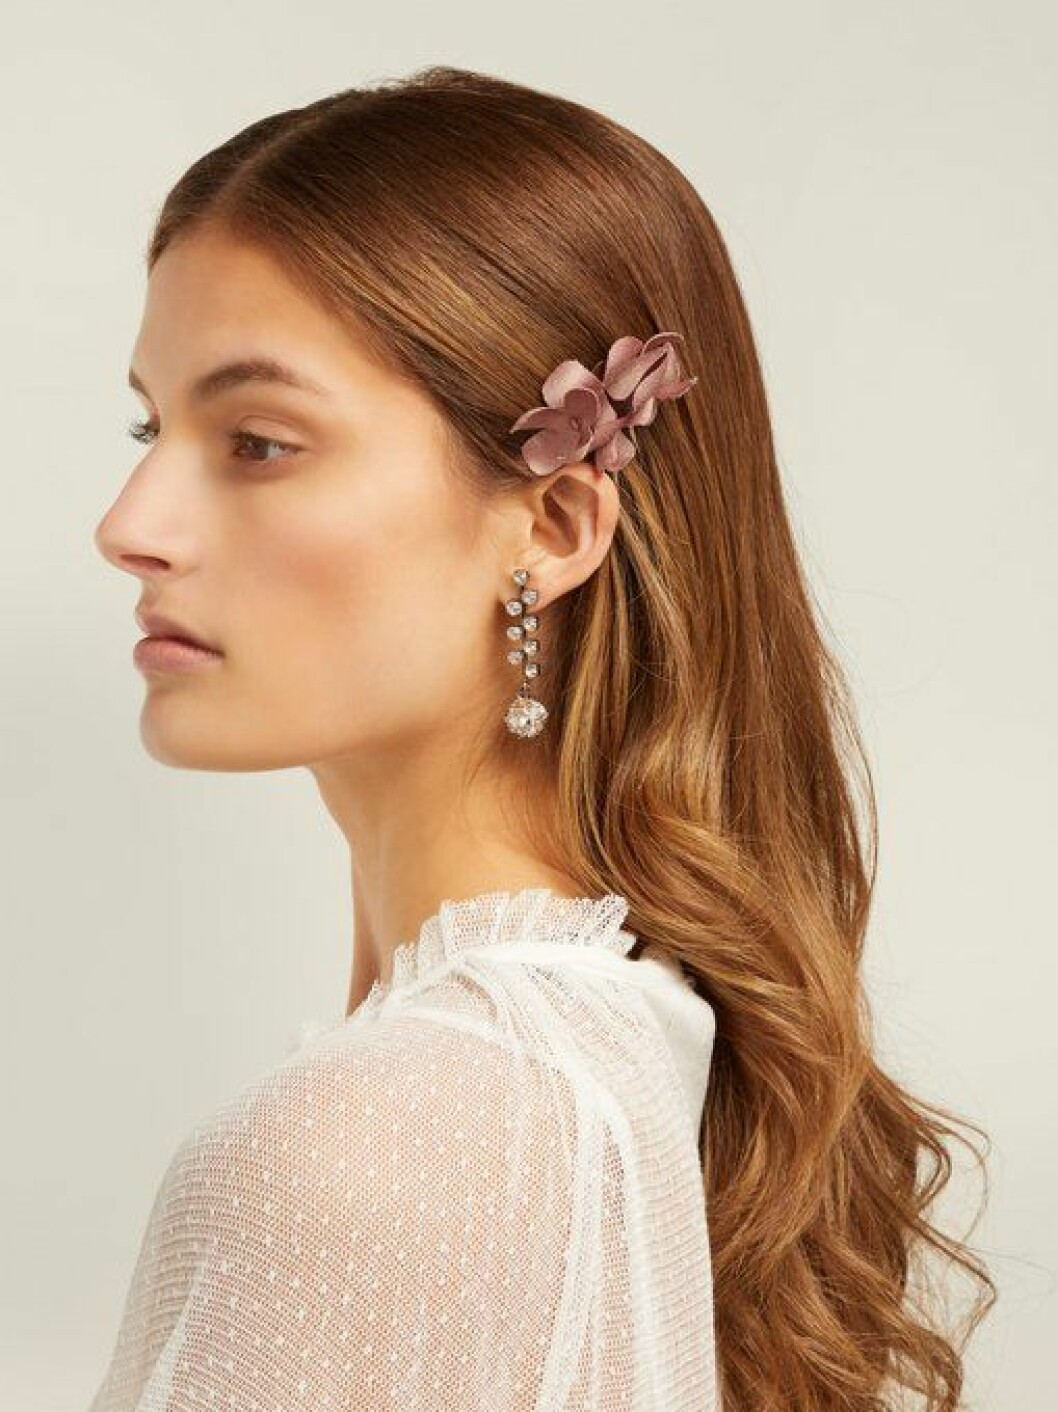 En bild på en hårnål från Philippa Craddocks nya kollektion på Matchesfashion.com.